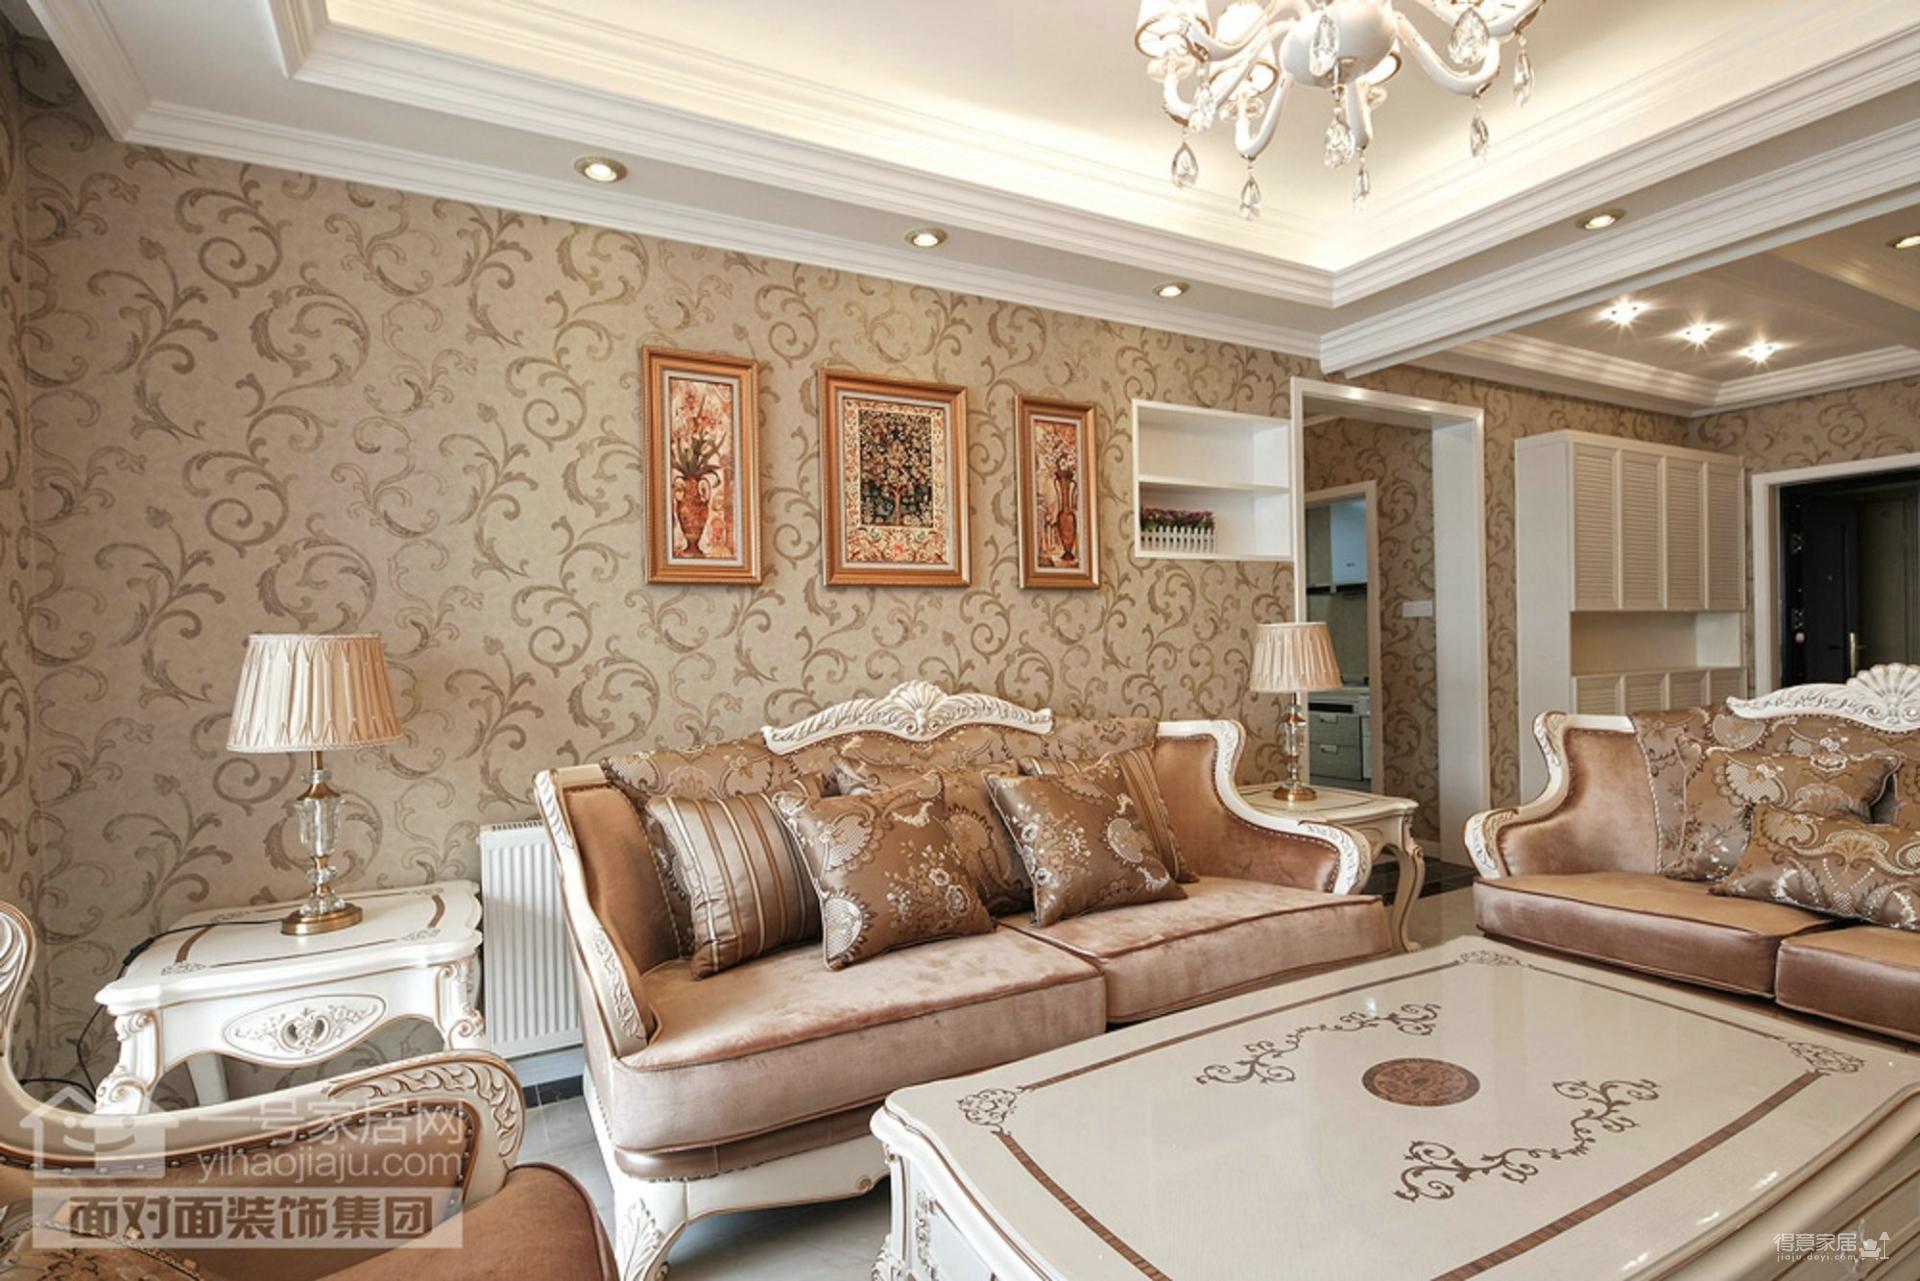 菩堤苑120平三室两厅简欧风格装修效果图_得意家居